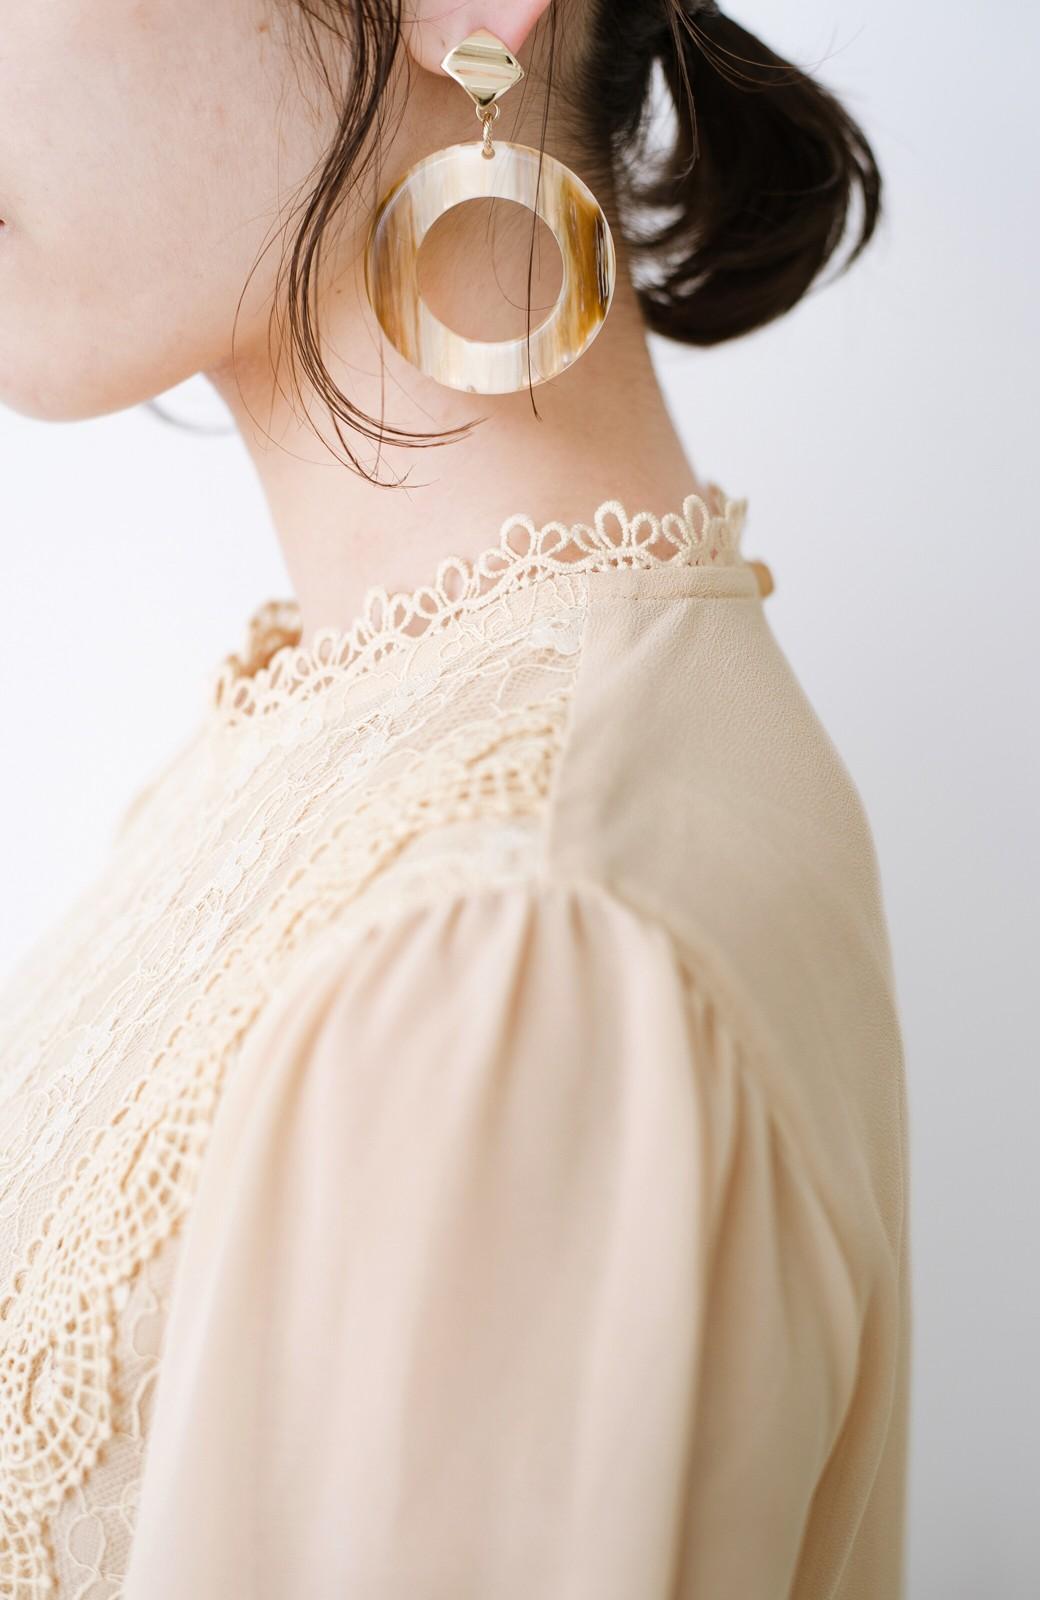 haco! パッと着てキュン!重ねても1枚でもかわいいシフォン&レースブラウス <ピンクベージュ>の商品写真6